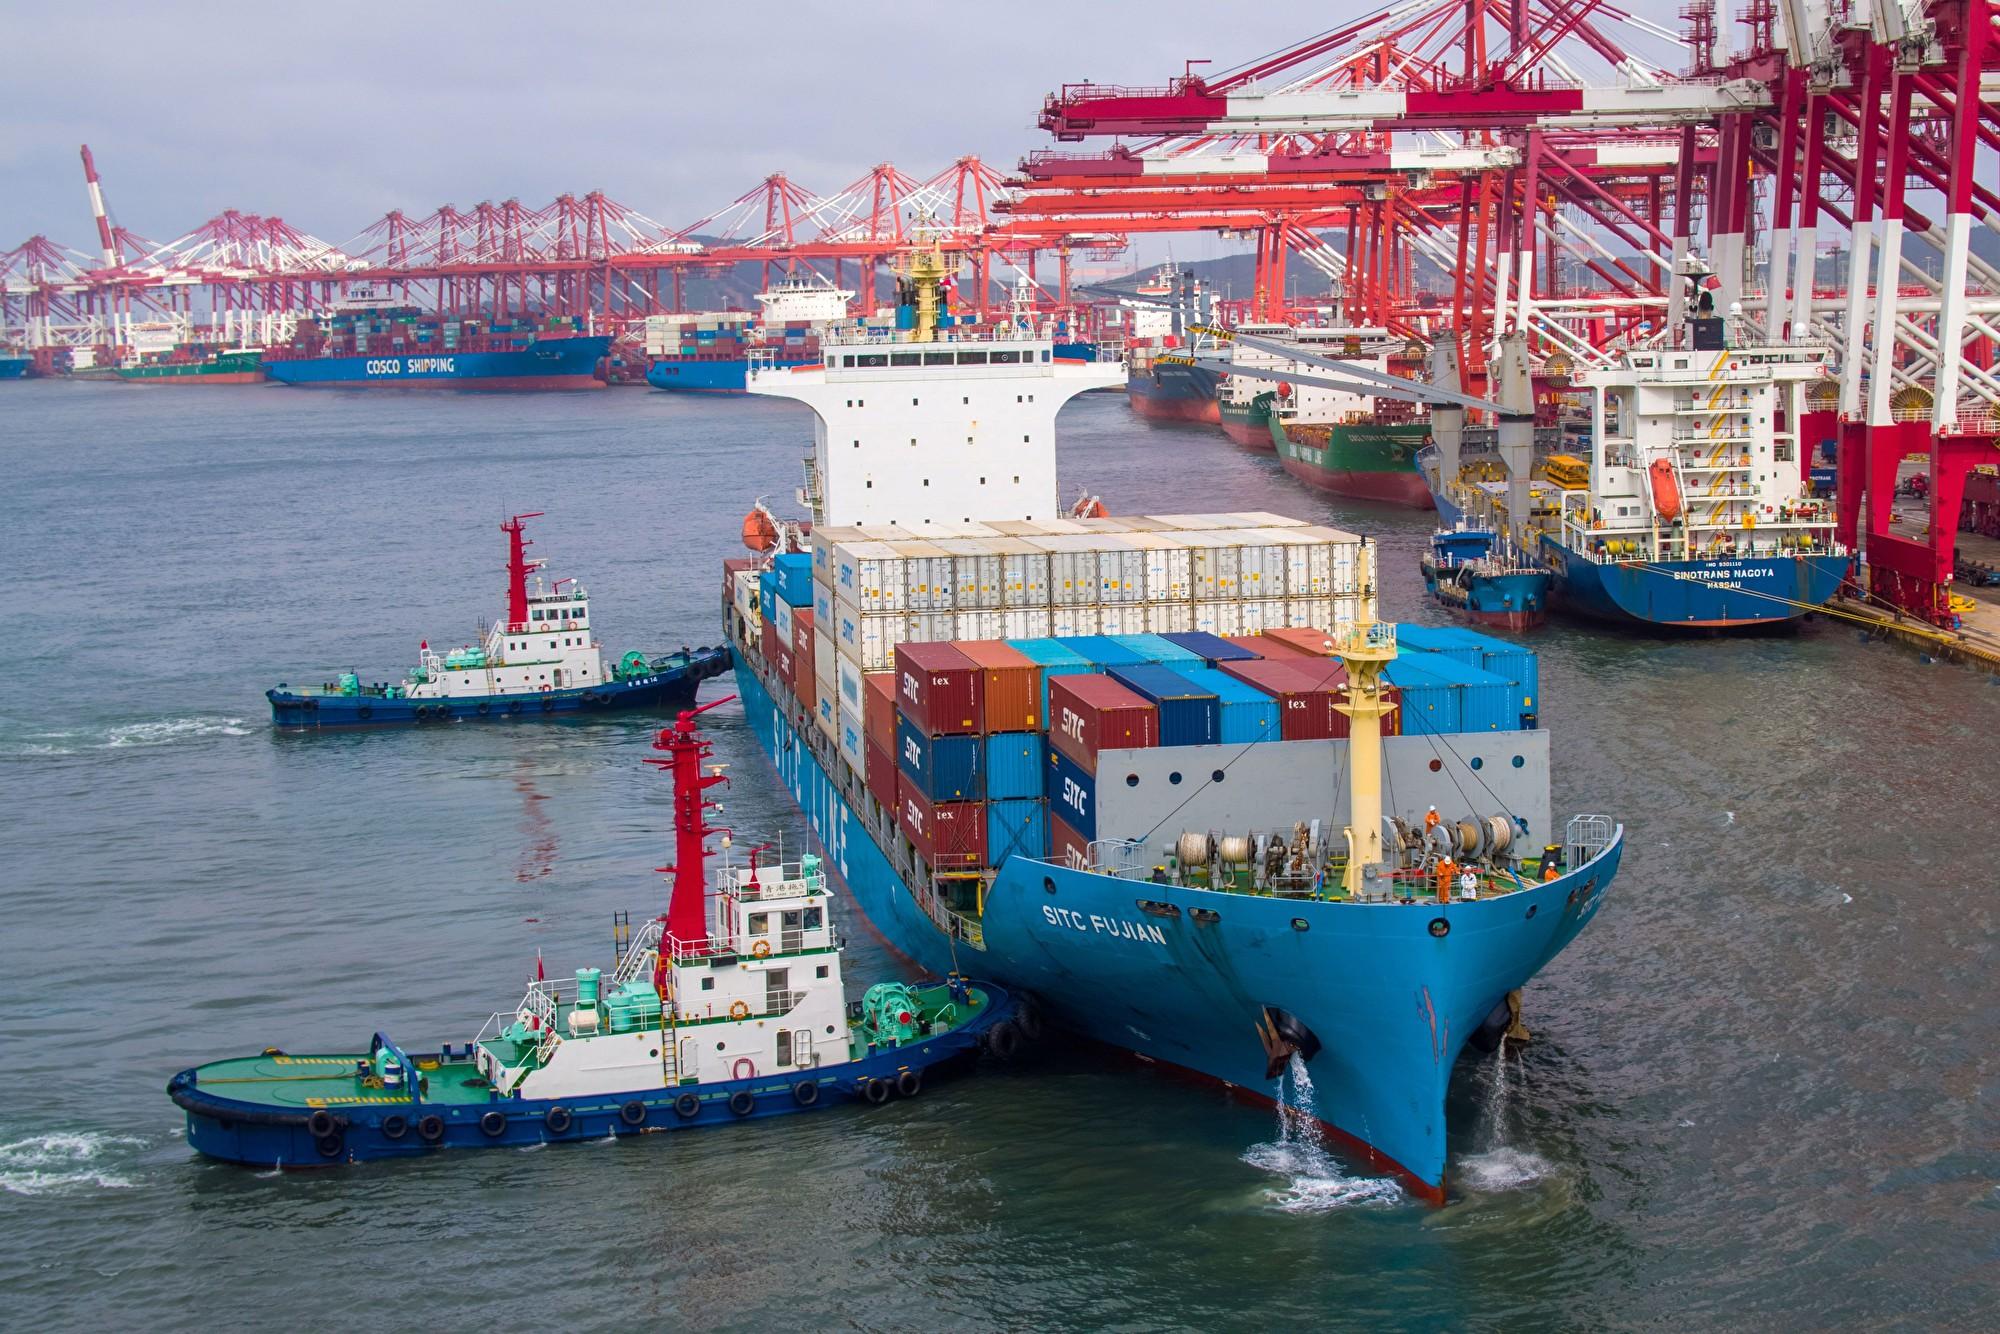 2019年5月中國山東青島的海港。(STR/AFP)